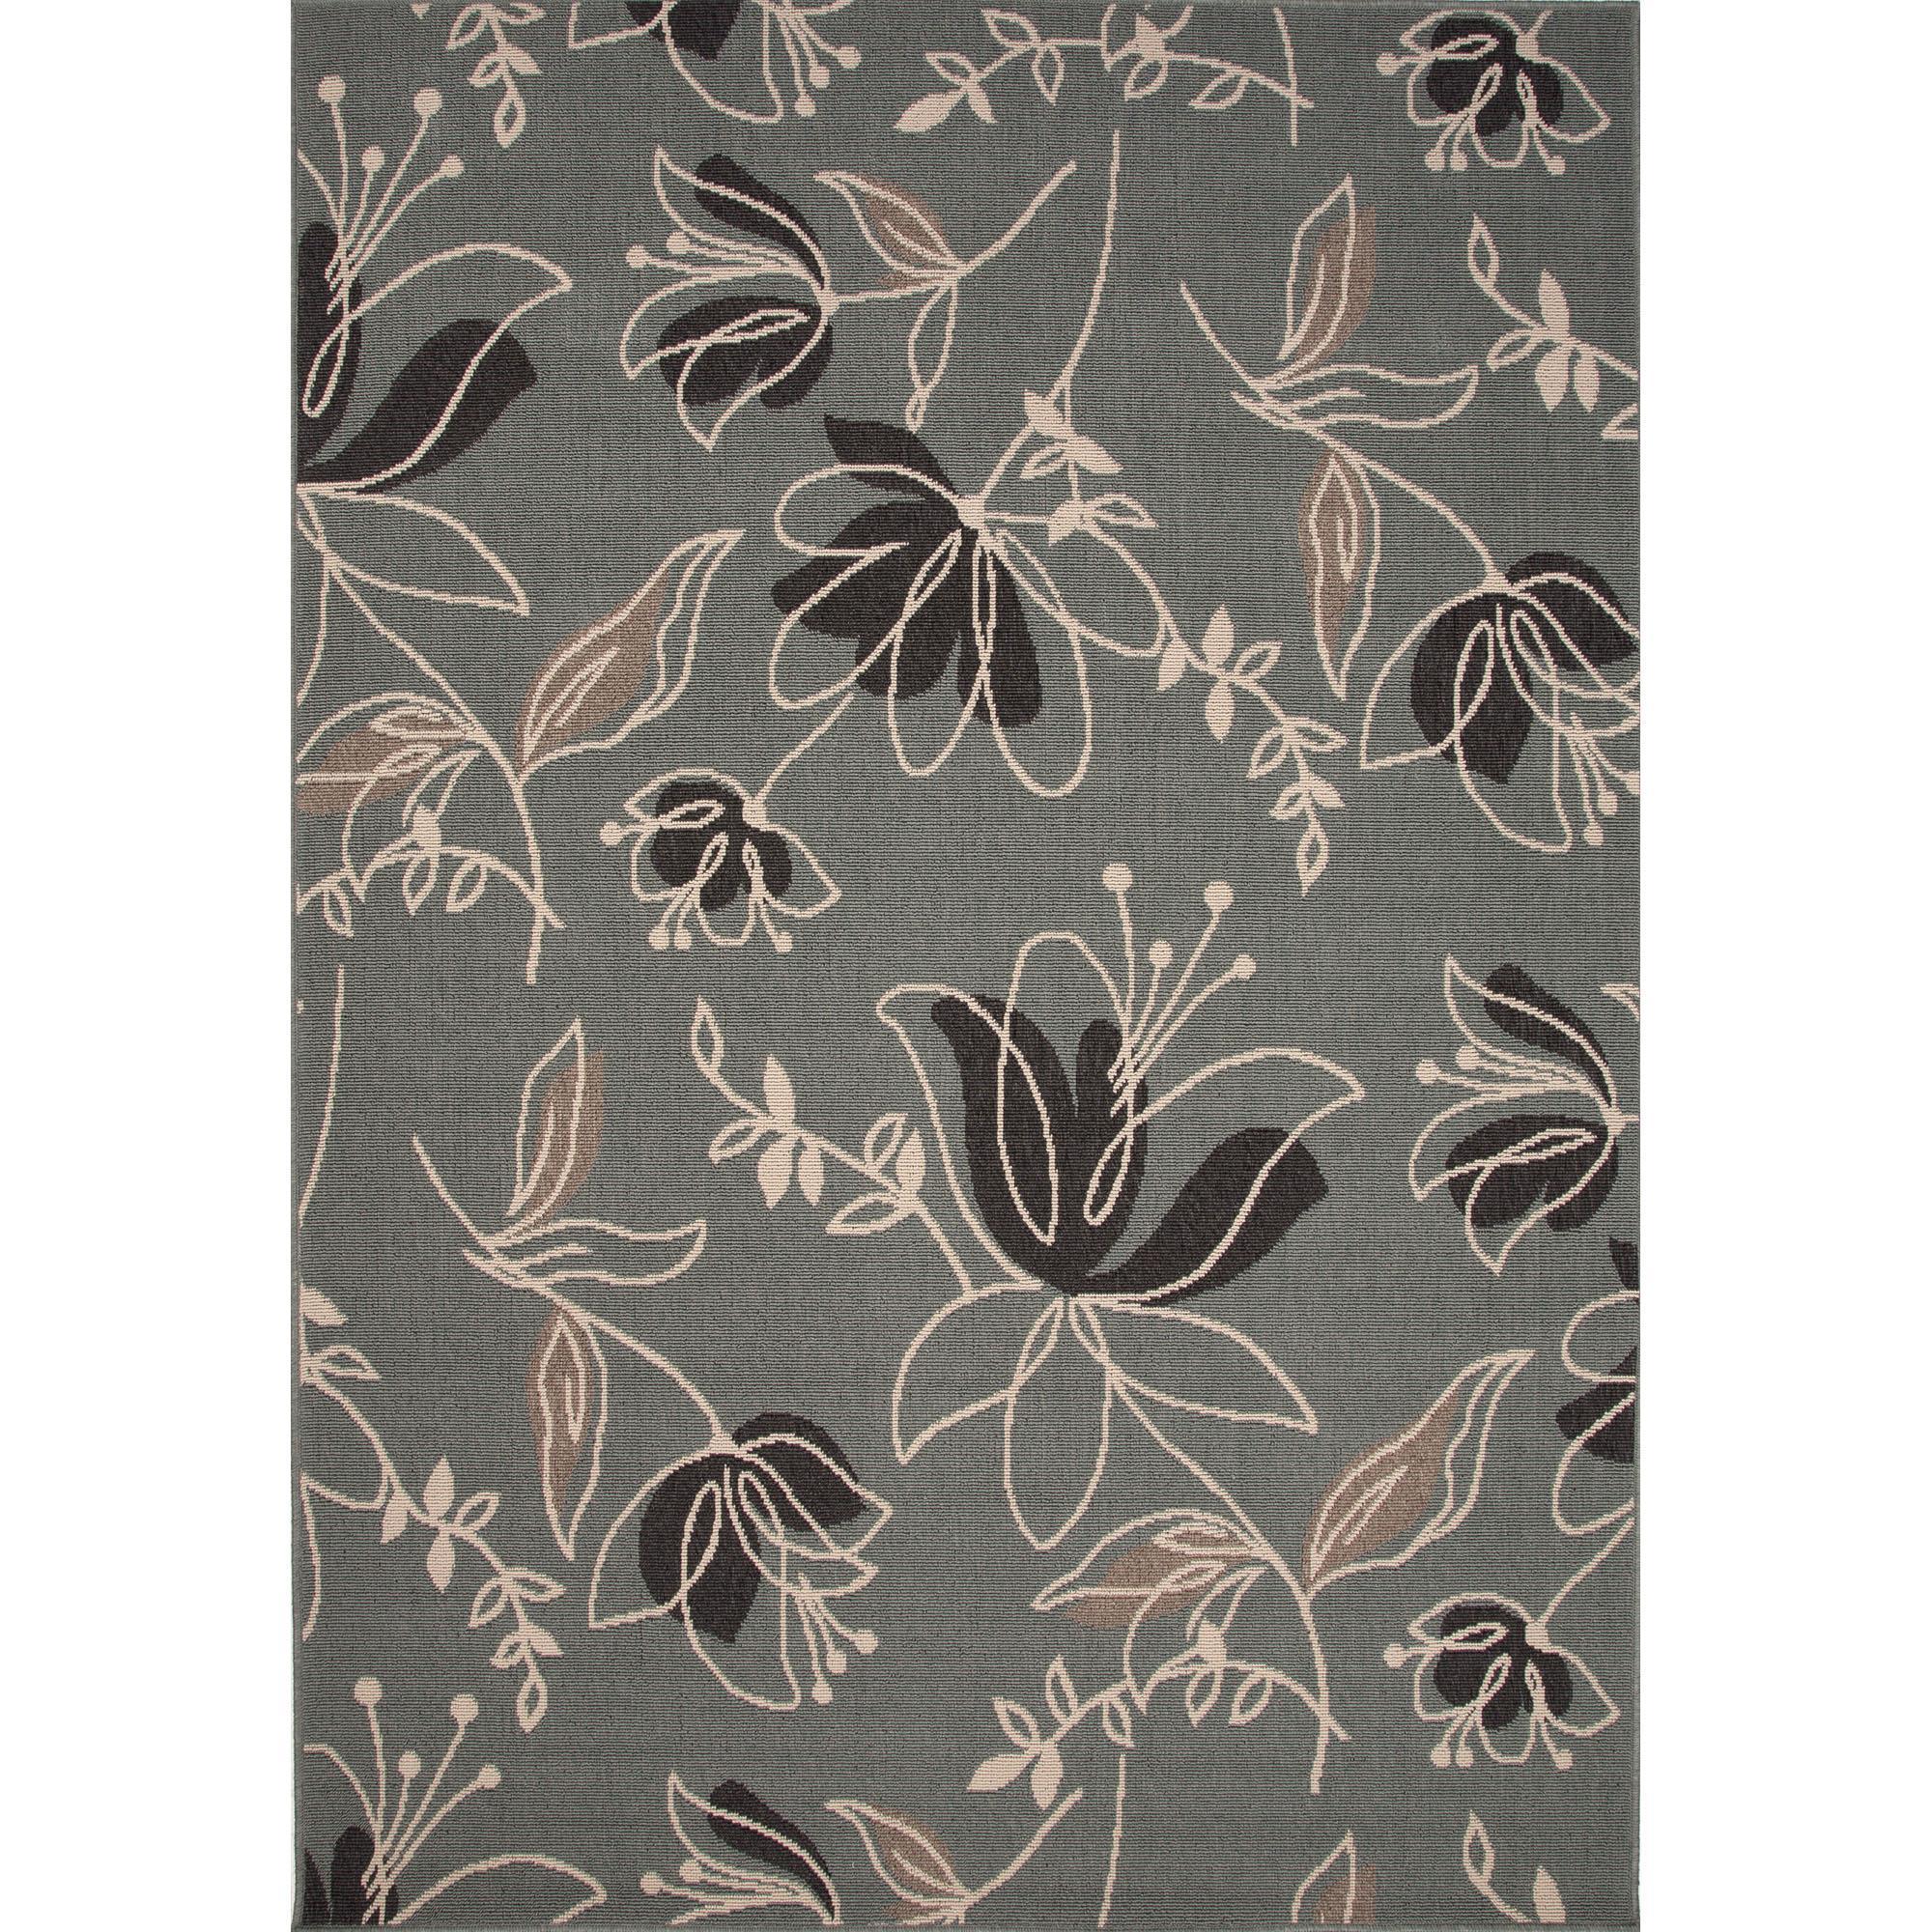 JAIPUR Rugs Bloom 7.11 x 10 Rug - Item Number: RUG121912